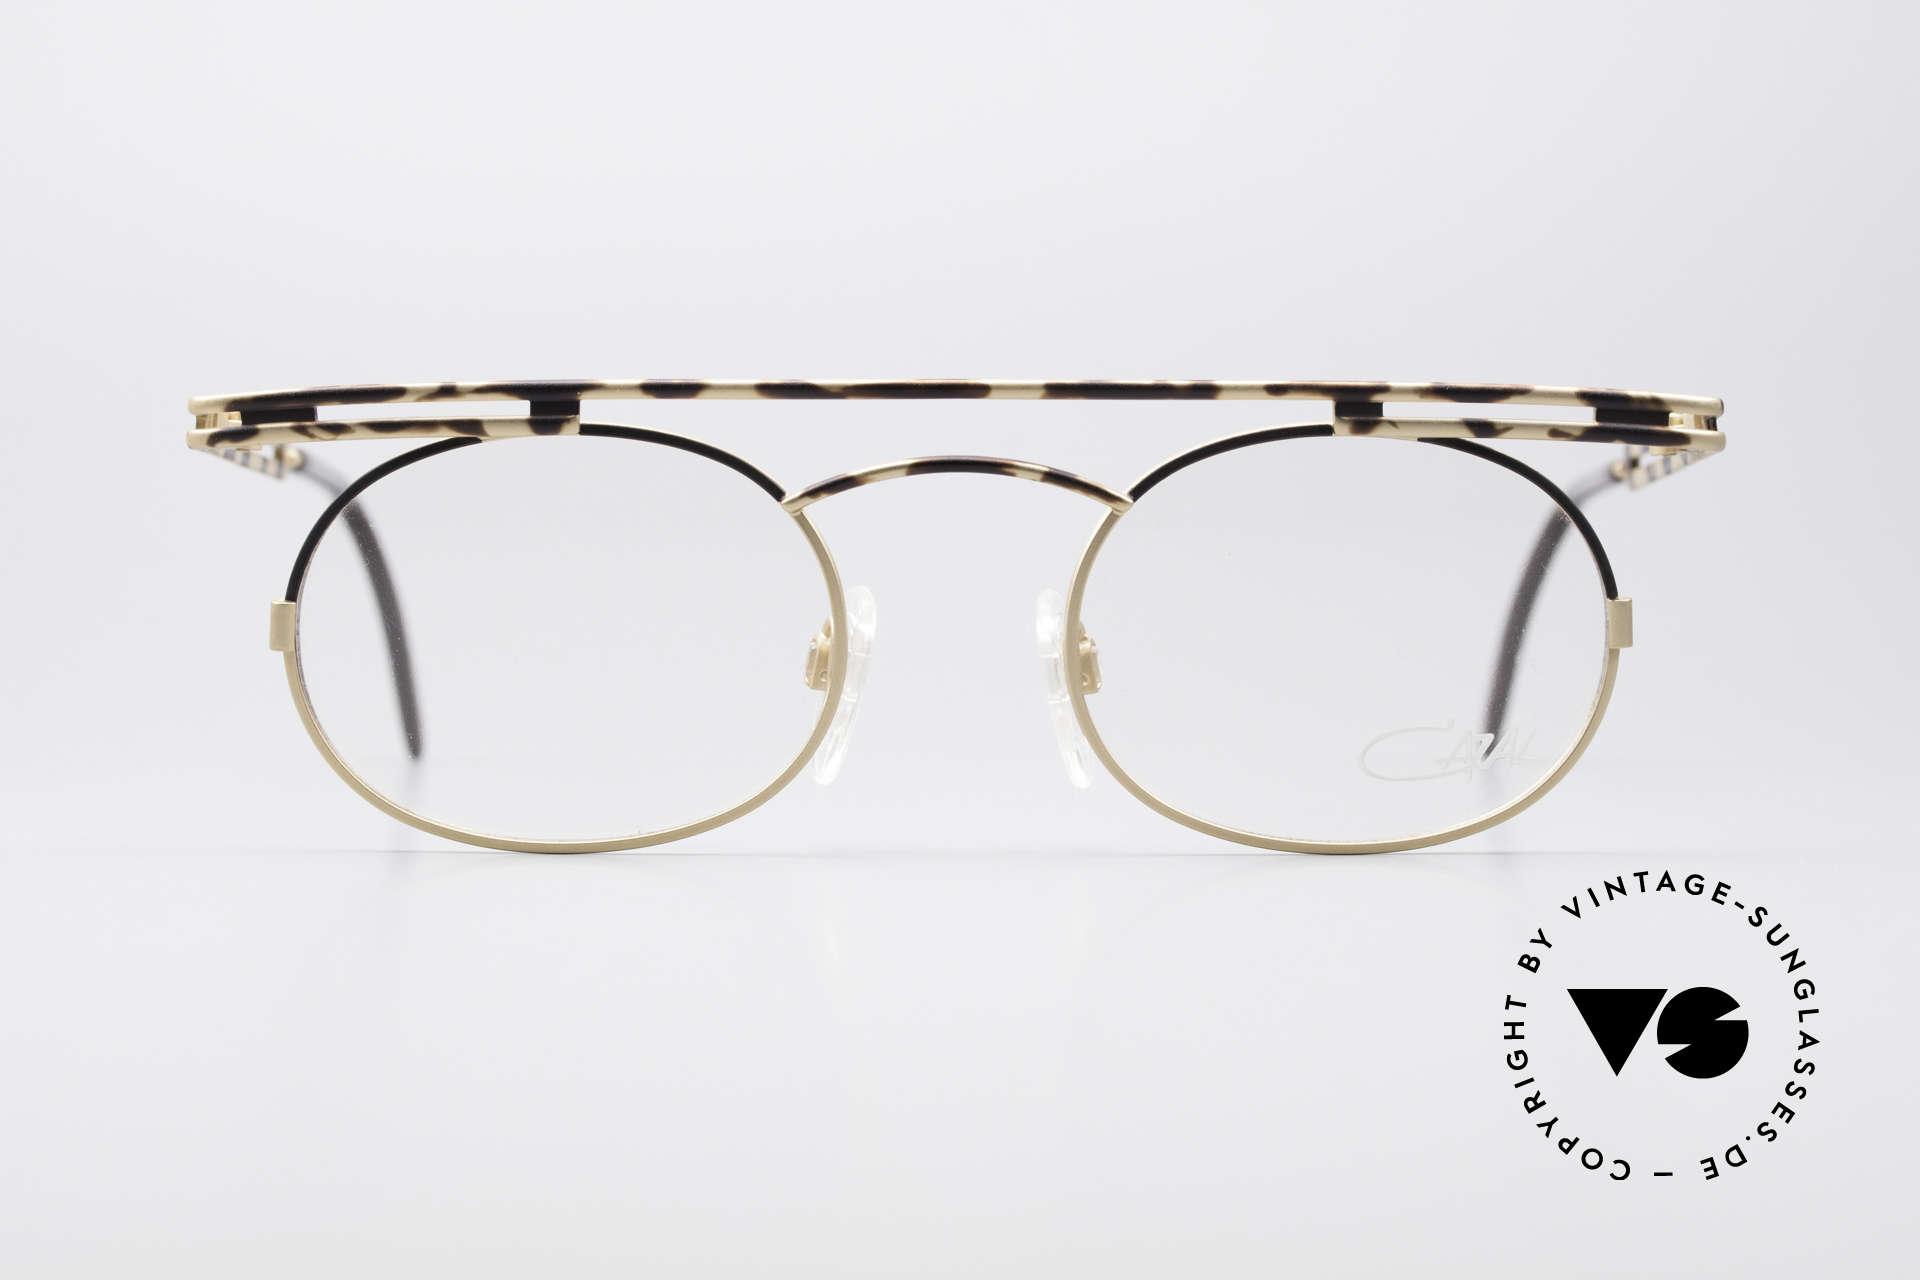 Cazal 761 KEINE Retrobrille Vintage Brille, rund und kantig zugleich; ein echter Hingucker, Passend für Herren und Damen